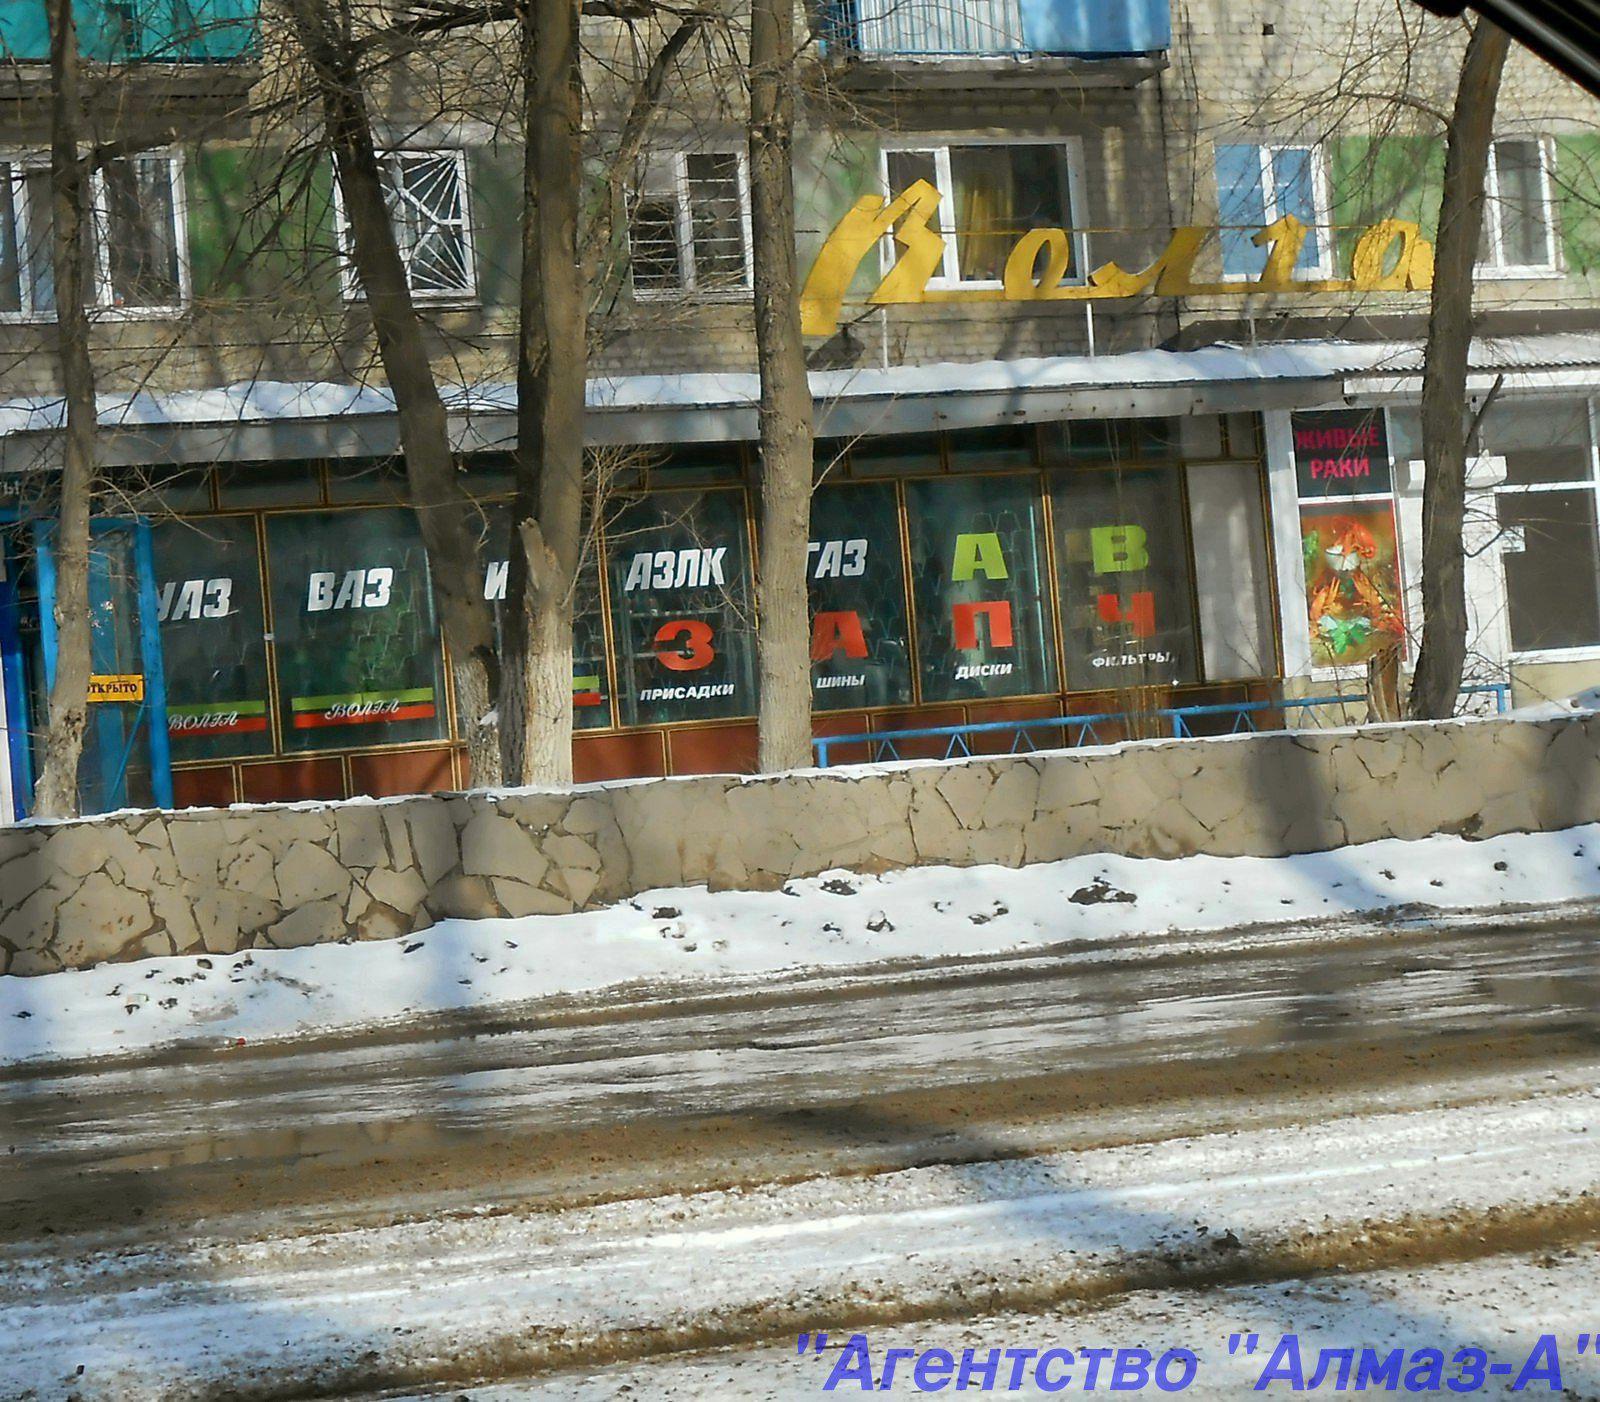 Заводской район, магазин Волга (запчасти для отечественных автомобилей